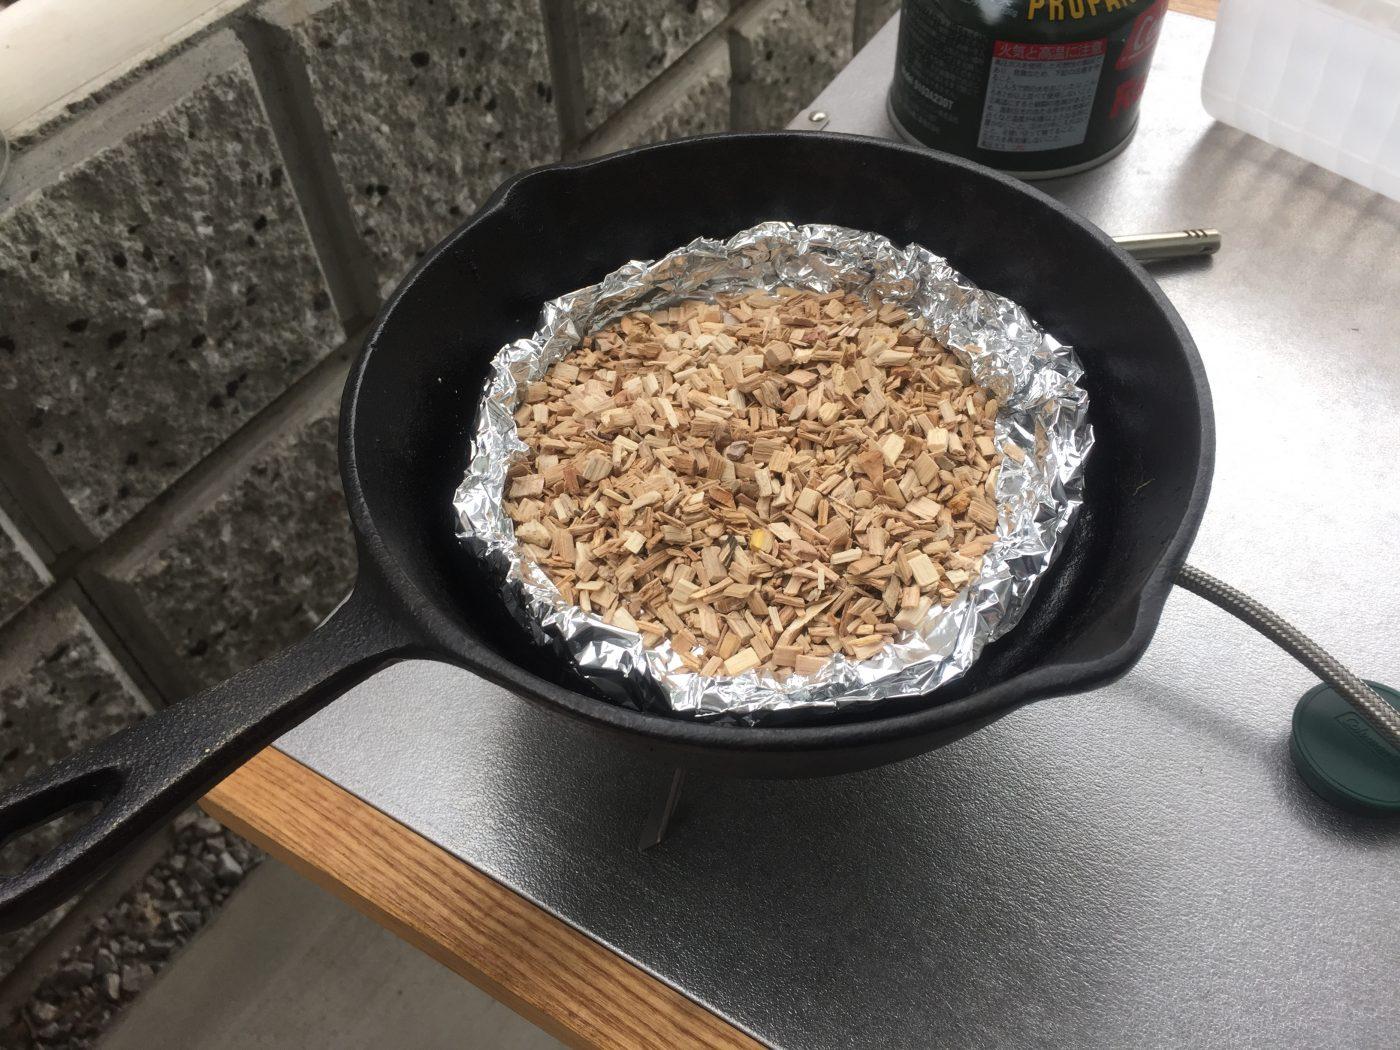 スキレットで燻製する方法。まずはアルミホイルを敷く。